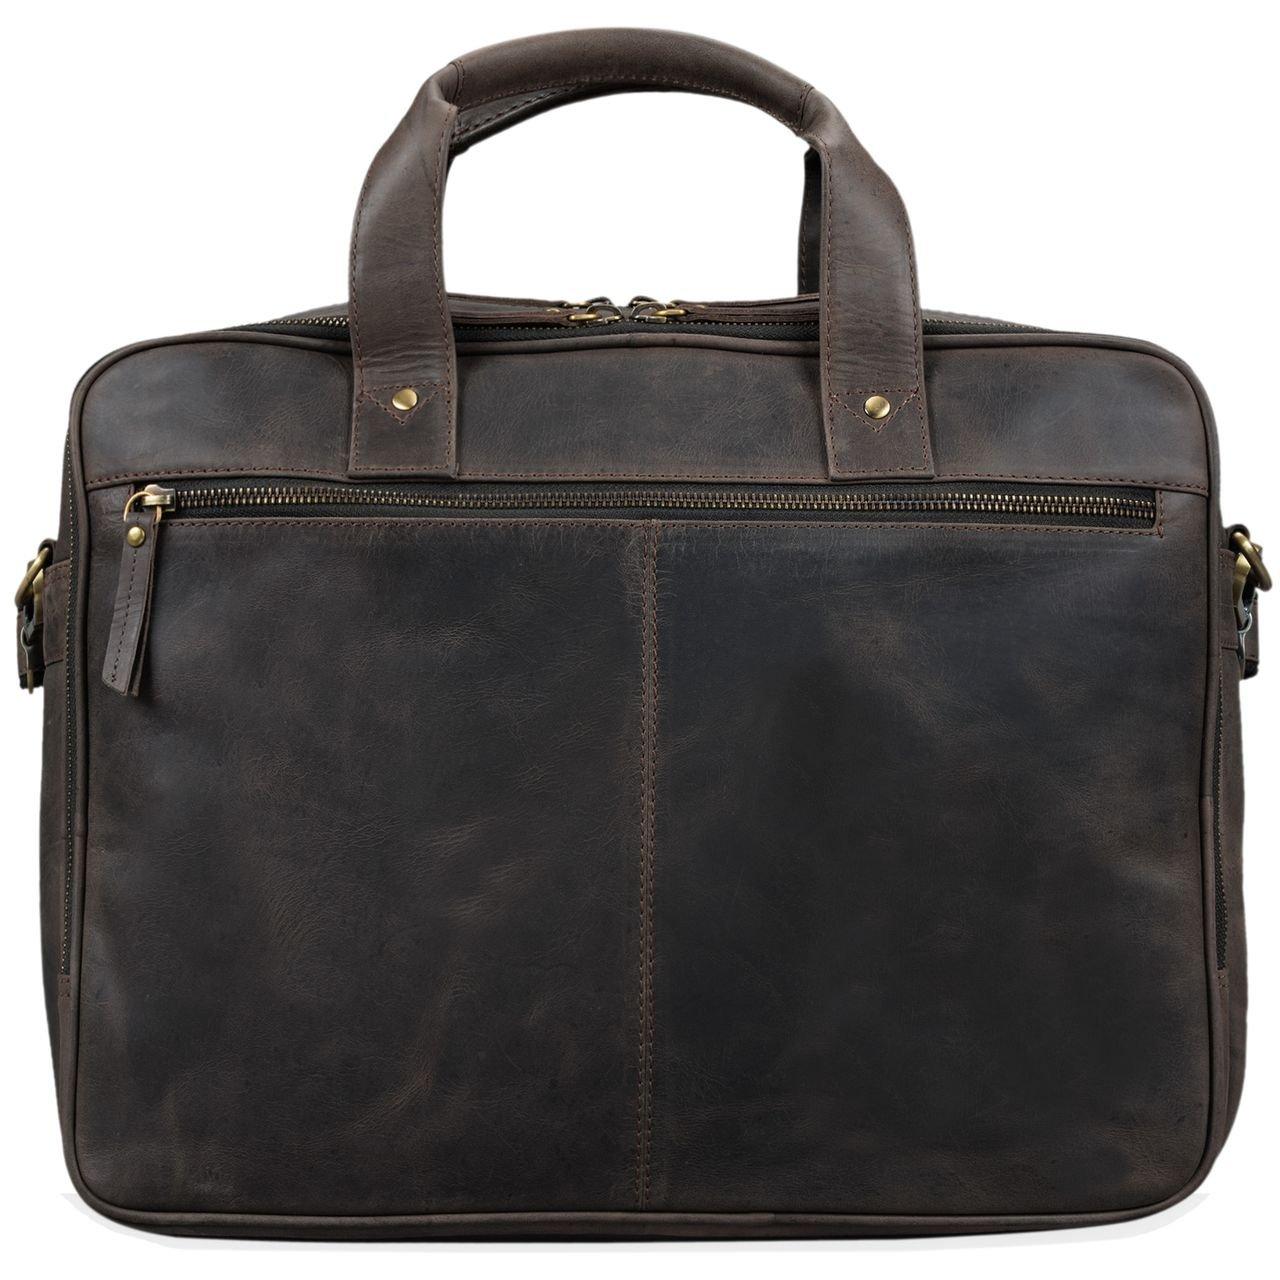 STILORD Vintage Business Bag Leather Walt 20 Liters Colour:Dark Brown